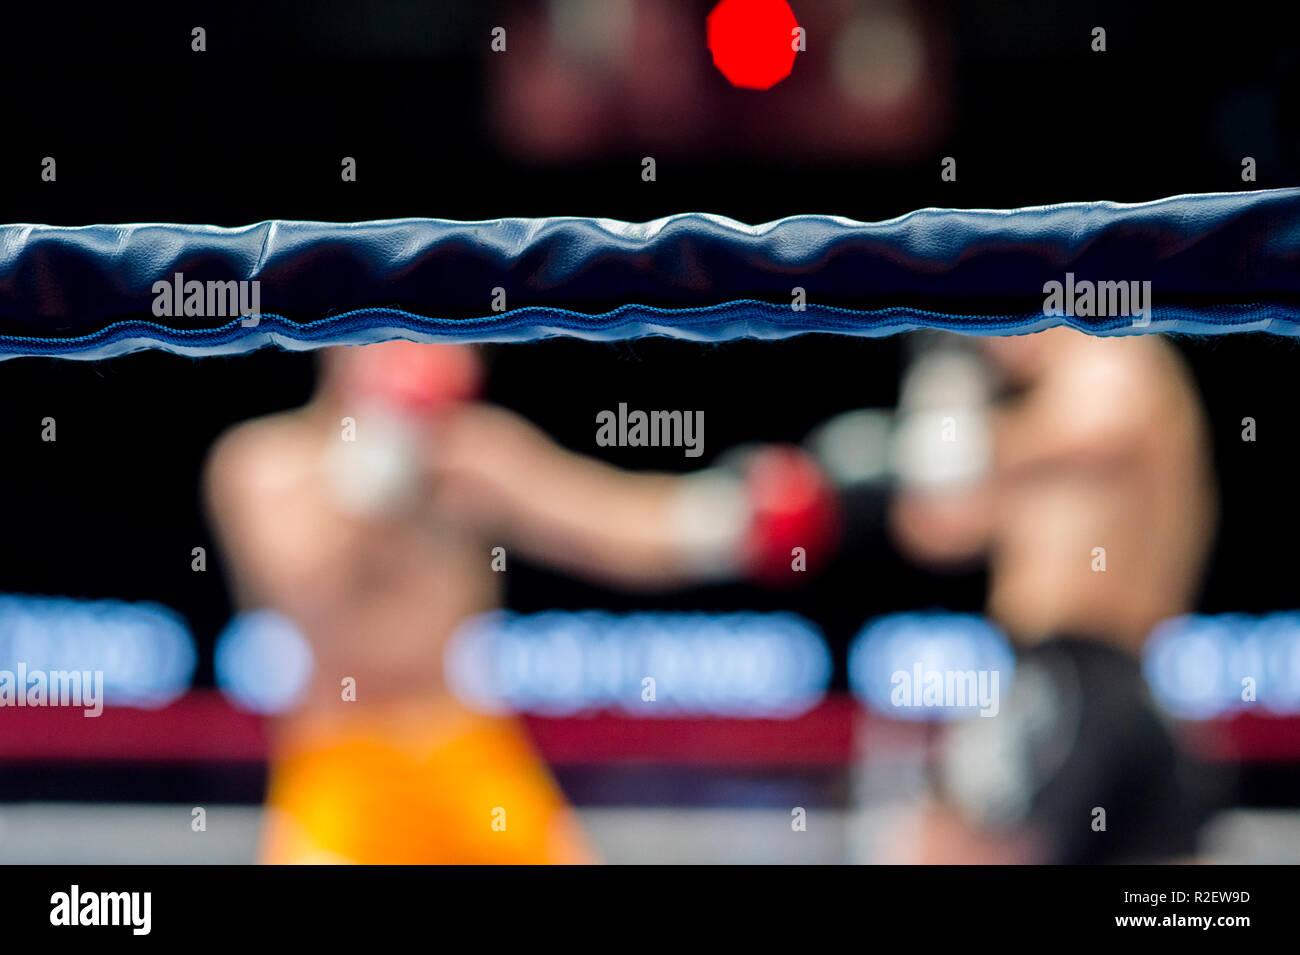 Compétition de boxe, les détails de la lutte ring Photo Stock